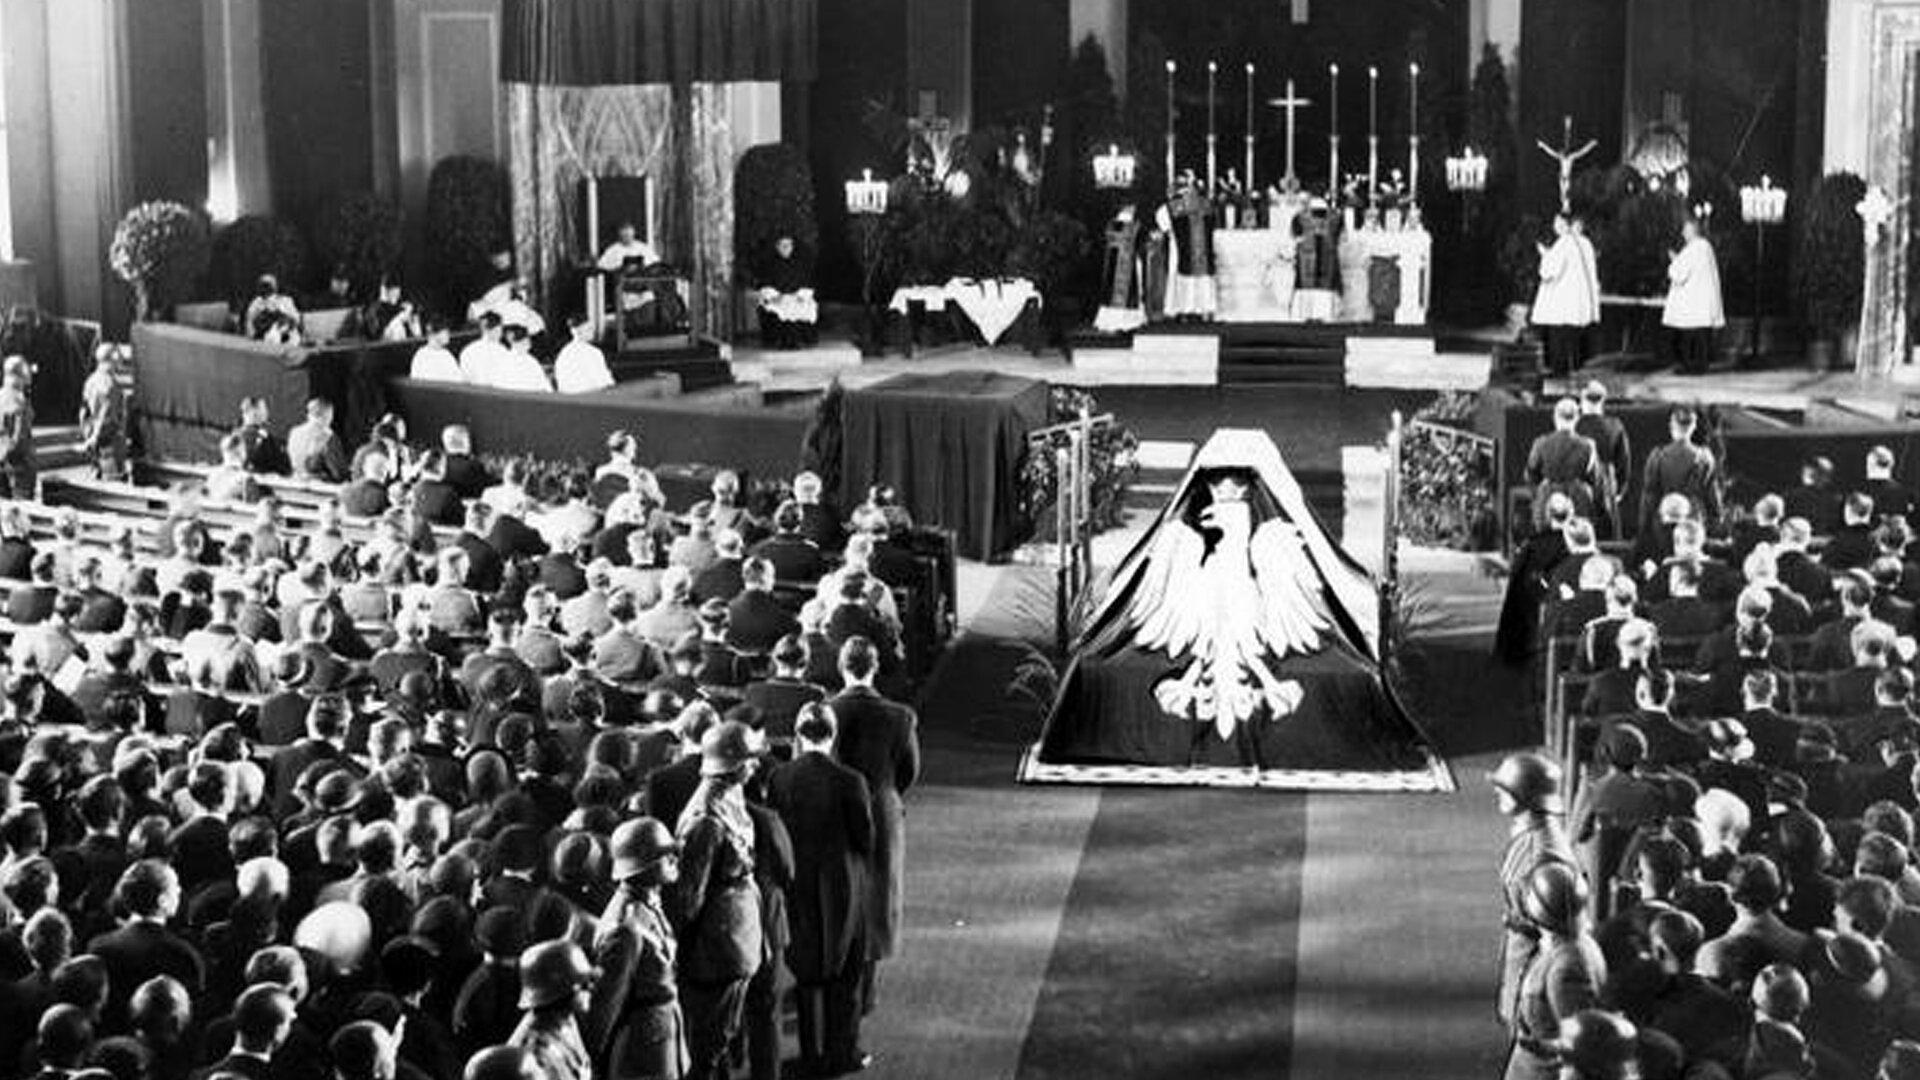 """Czarno-biała fotografia przedstawia wnętrze wypełnionego ludźmi kościoła. Zdjęcie zrobione zostało od strony wejścia do świątyni. Wcentrum znajduje się ołtarz ikapłani odprawiający mszę. Na podłodze wkierunku ołtarza, przez środek kościoła leży dywan. Na dywanie przed ołtarzem na katafalku umieszczona jest trumna przykryta materiałem. Na katafalku umieszczono pośrodku dużą figurę białego orła wkoronie zgodła Polski. Po obu stronach dywanu stoi szpaler umundurowanych żołnierzy wstalowych hełmach charakterystycznych dla armii niemieckiej zlat 30-tych. Ławki po prawej ilewej stronie wypełnione są uczestnikami uroczystości. Pod zdjęciem umieszczono informację dotyczącą przedstawionego wydarzenia: """"Msza żałobna za duszę zmarłego Józefa Piłsudskiego wkatedrze św. Jadwigi wBerlinie, 18 maja 1935 r. Wpierwszym rzędzie po lewej (obok symbolicznej trumny) kanclerz Rzeszy Adolf Hitler.""""."""